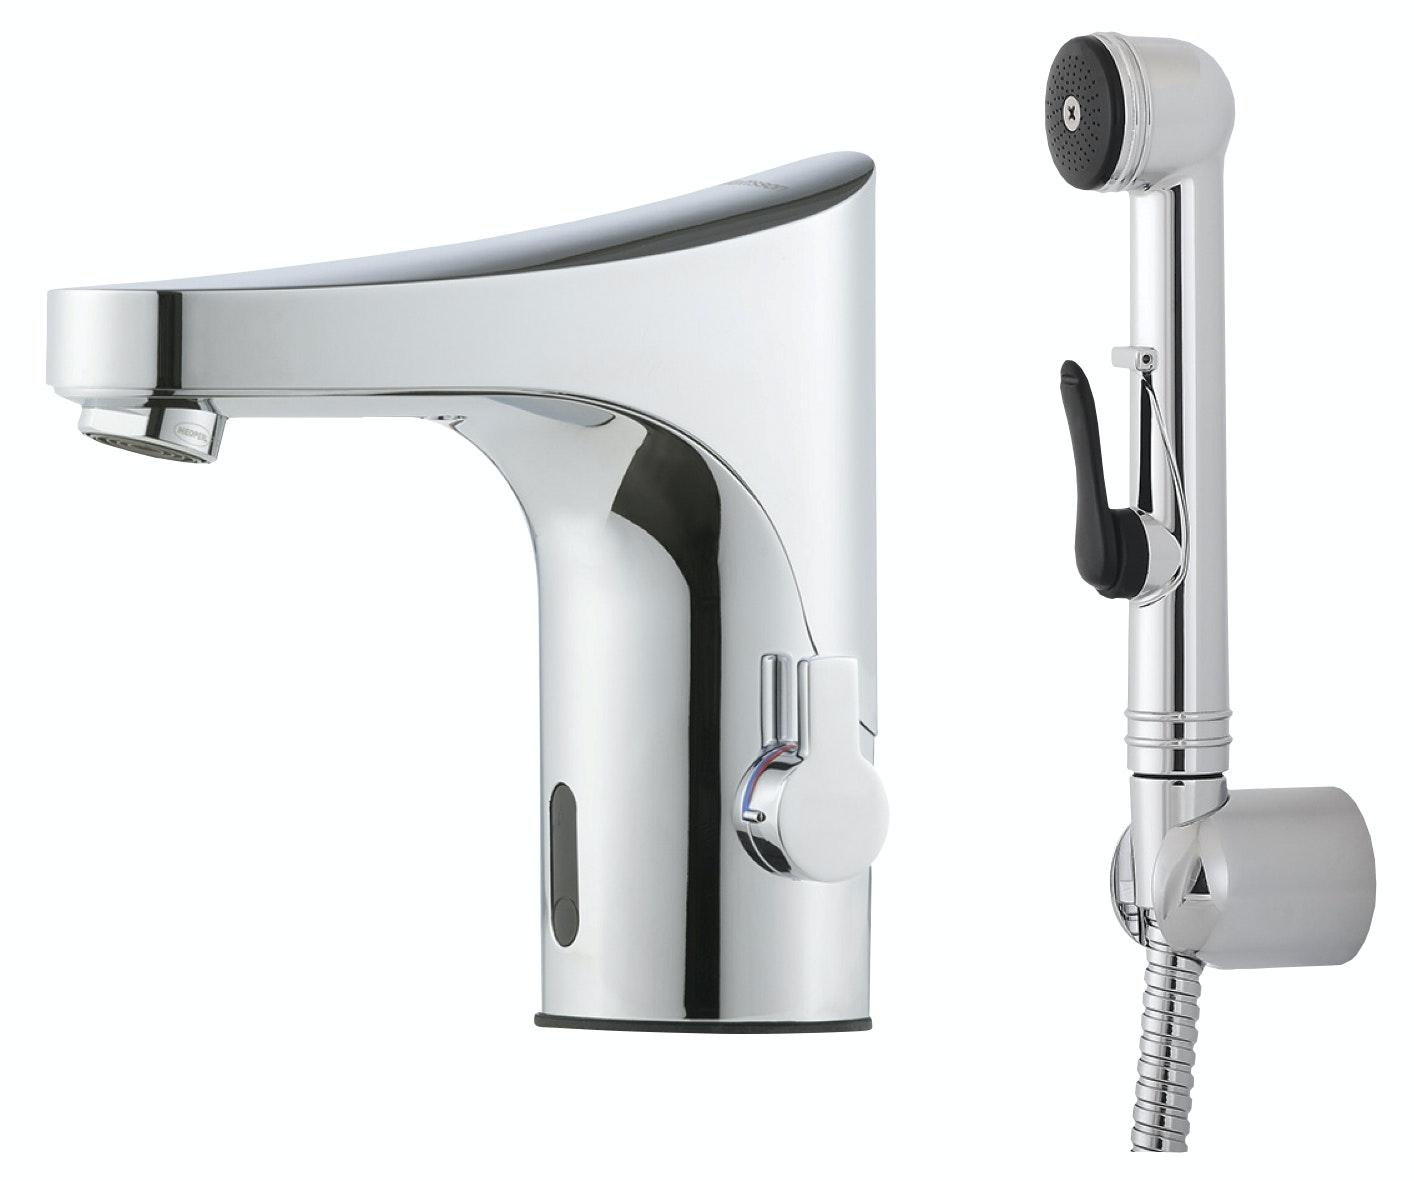 Tvättställsblandare Fmm 9000E Beröringsfri 1647-0000